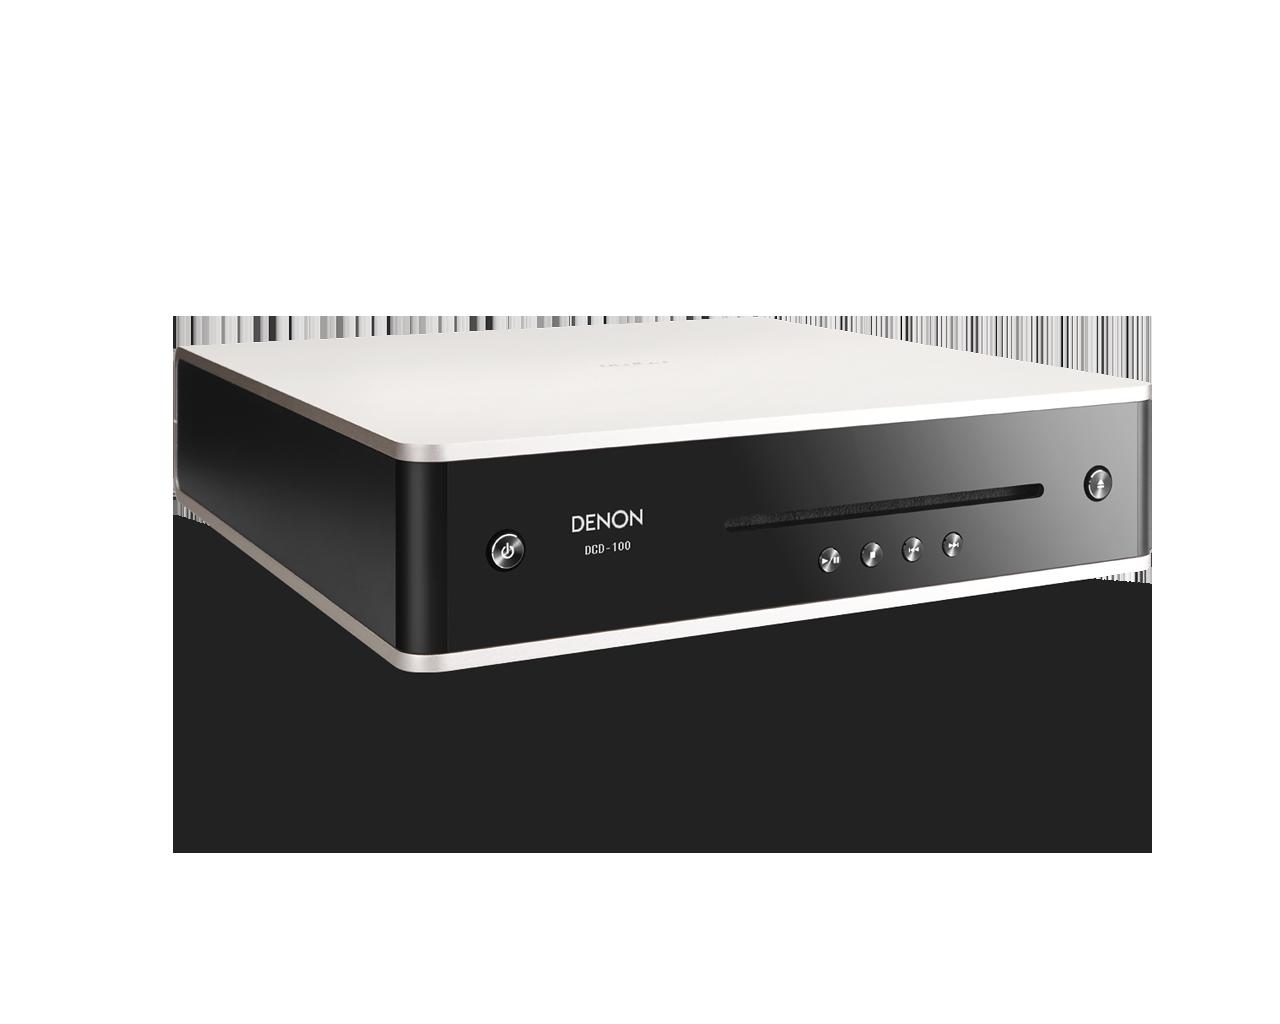 denon dcd 100 kompakter design cd player cd player 49 2942 9749810. Black Bedroom Furniture Sets. Home Design Ideas